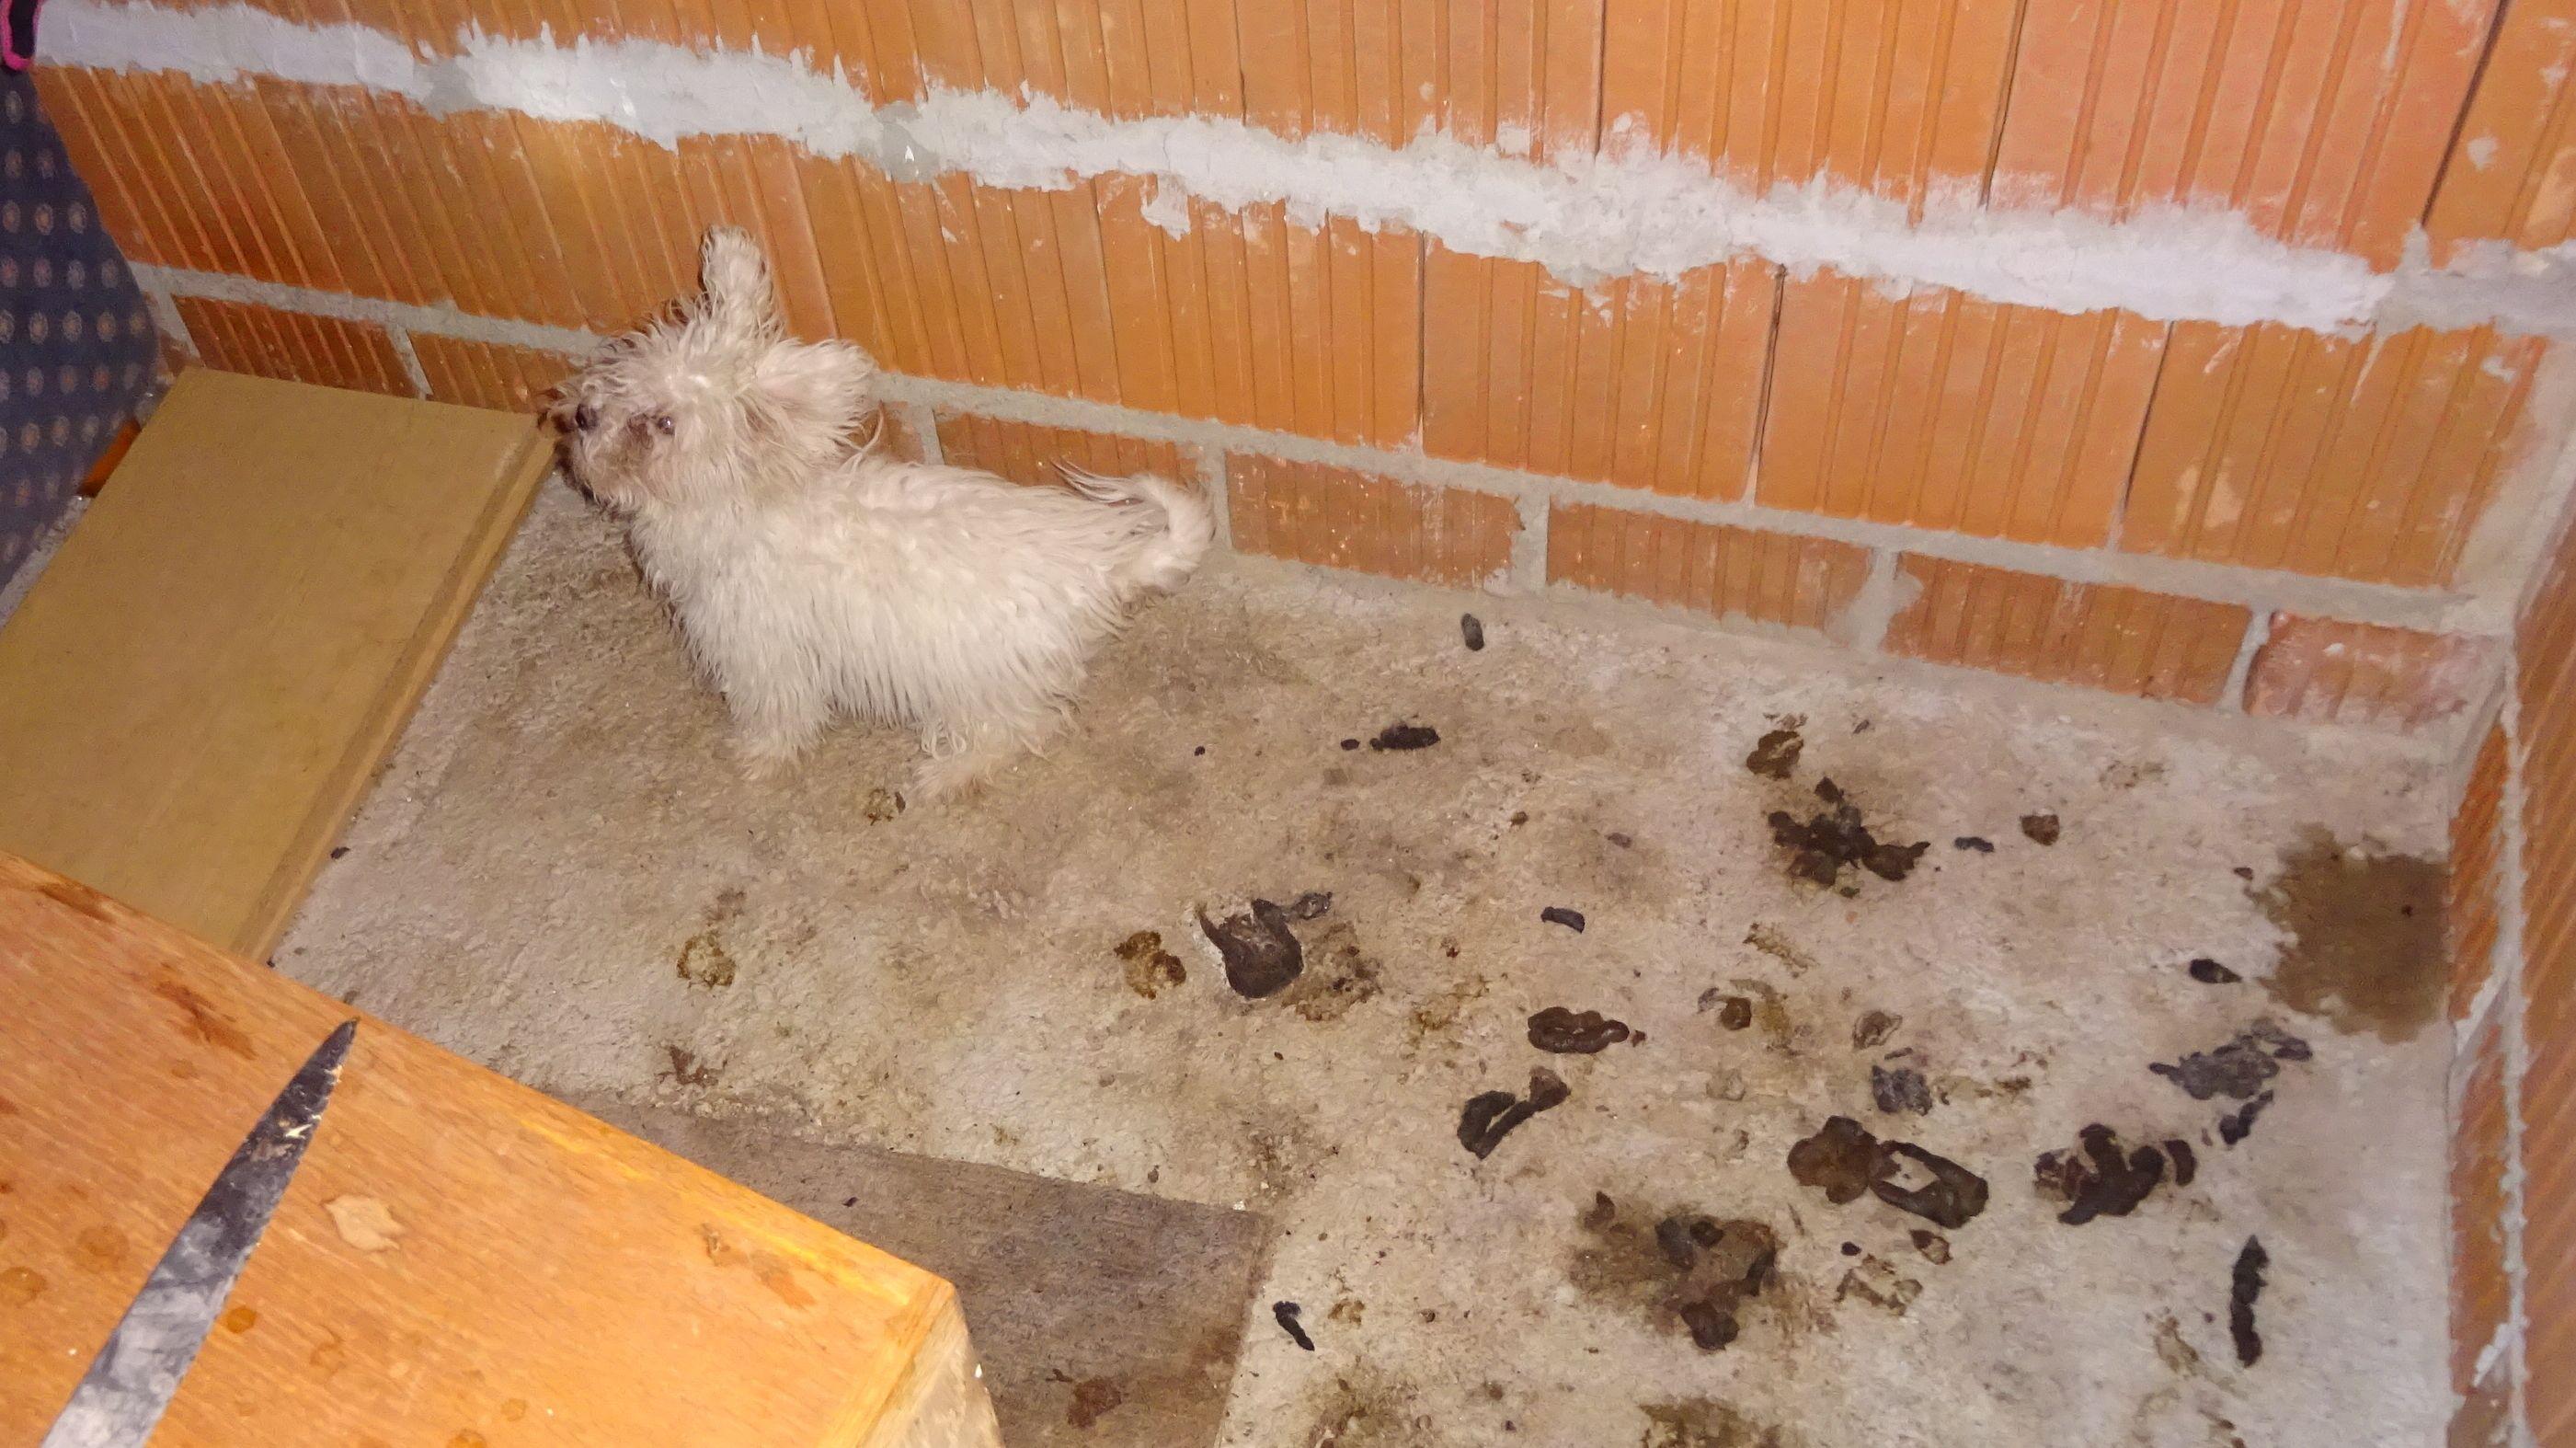 Der kleine Malteser-Mischling in seiner verdreckten Behausung